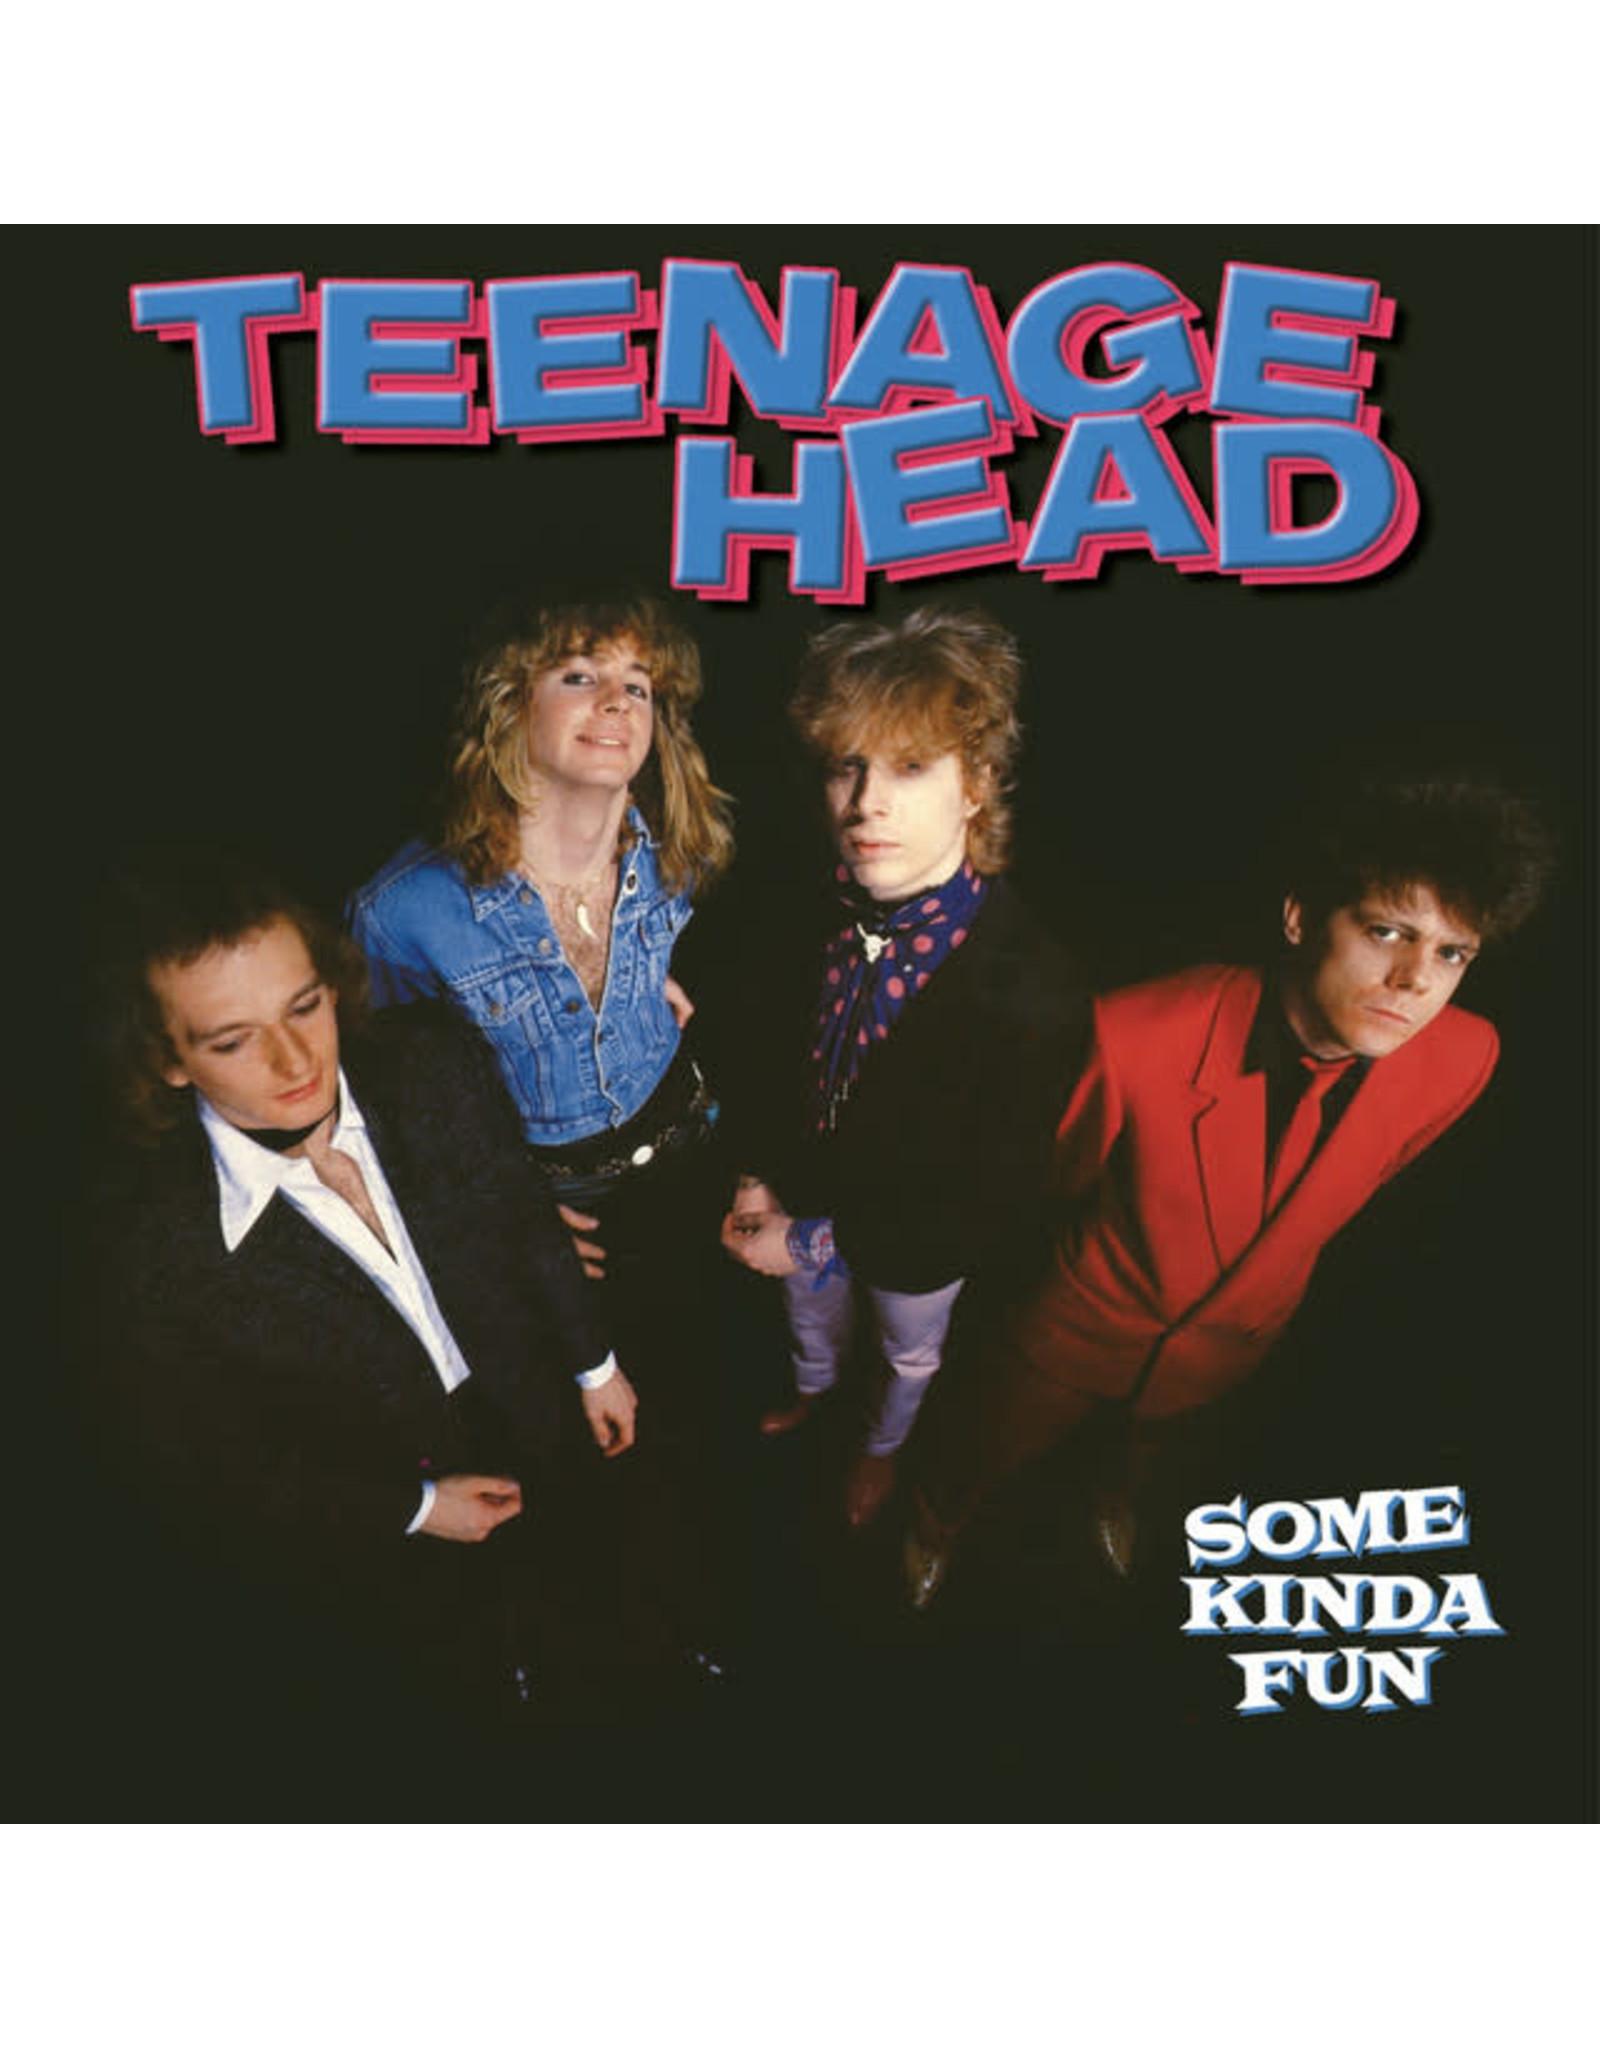 Compact Disc Teenage Head - Some Kinda Fun